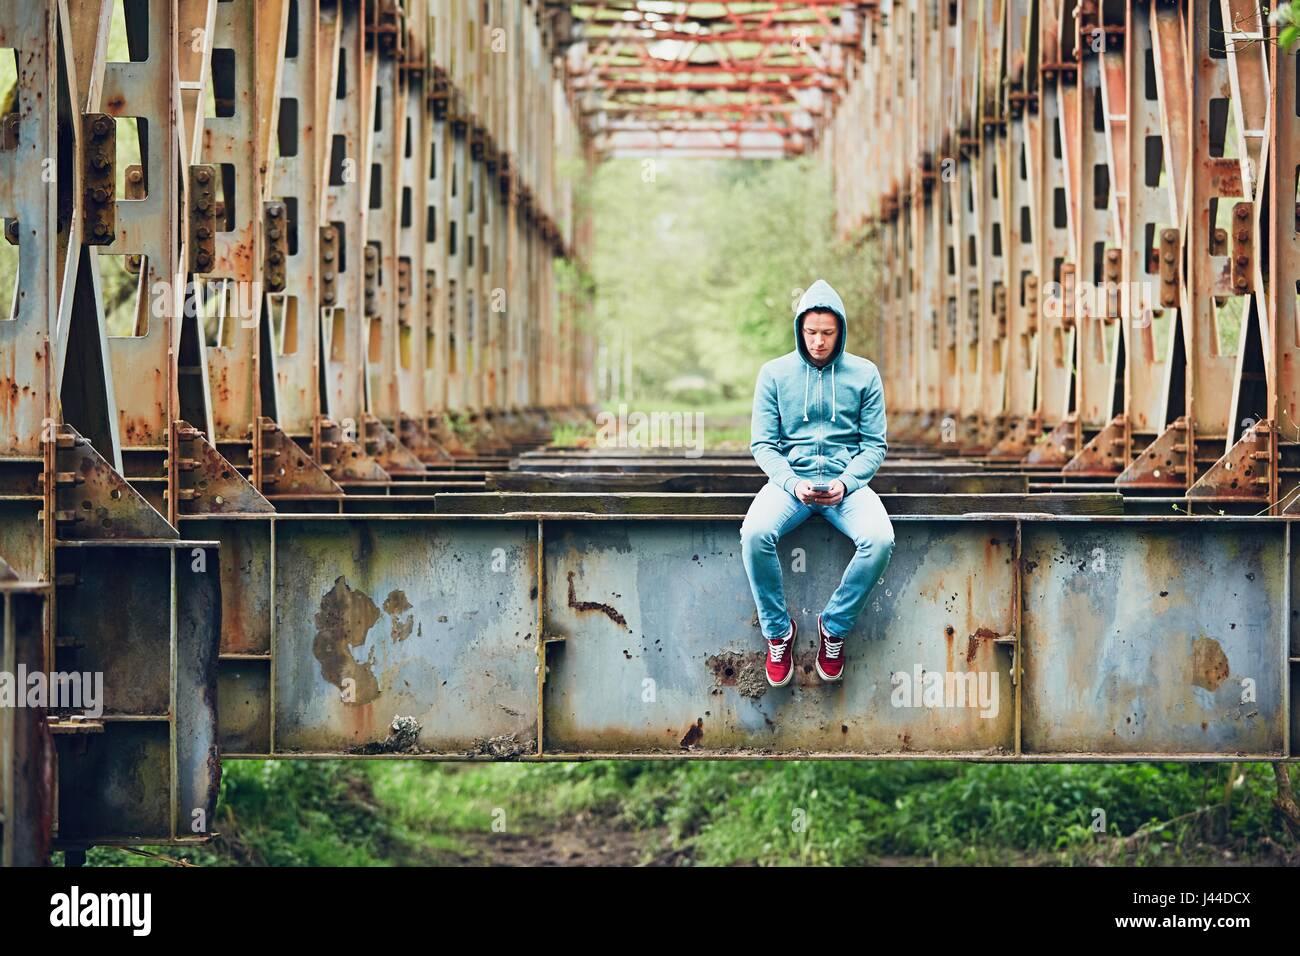 Triste con teléfono móvil en el puente oxidado abandonados. Concepto de tristeza, soledad, conexión Imagen De Stock